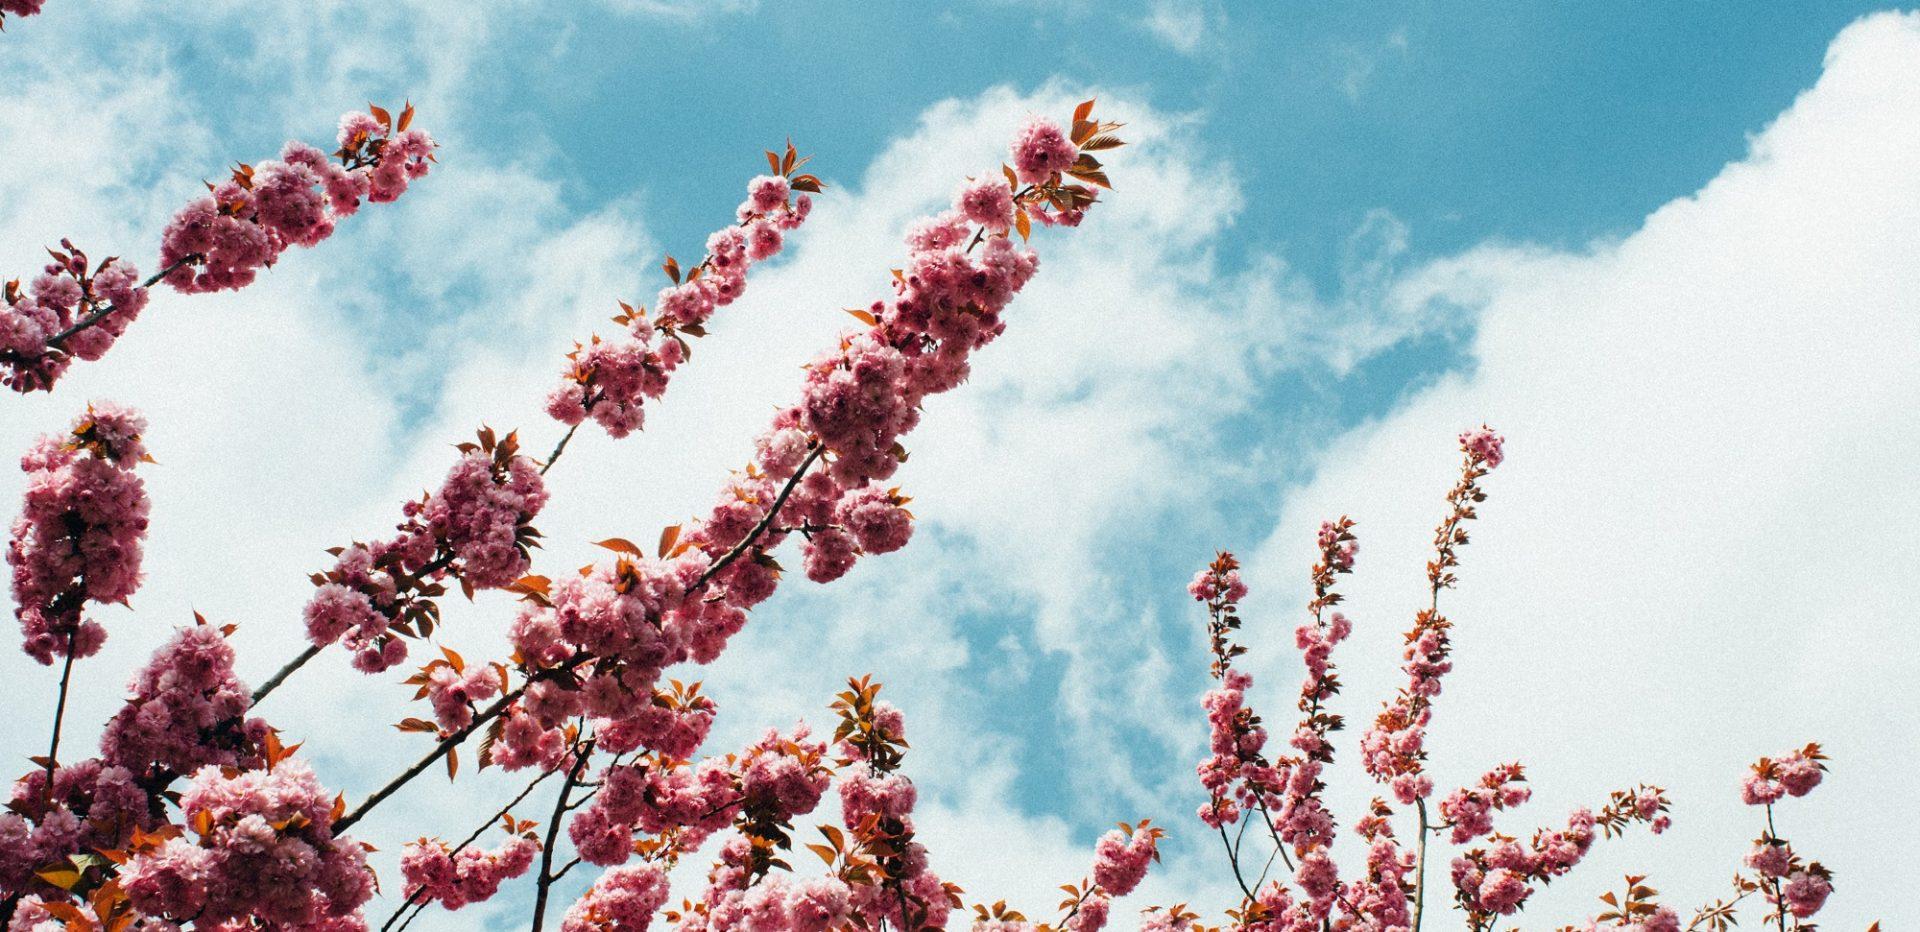 Blomster på et kirsebærtræ